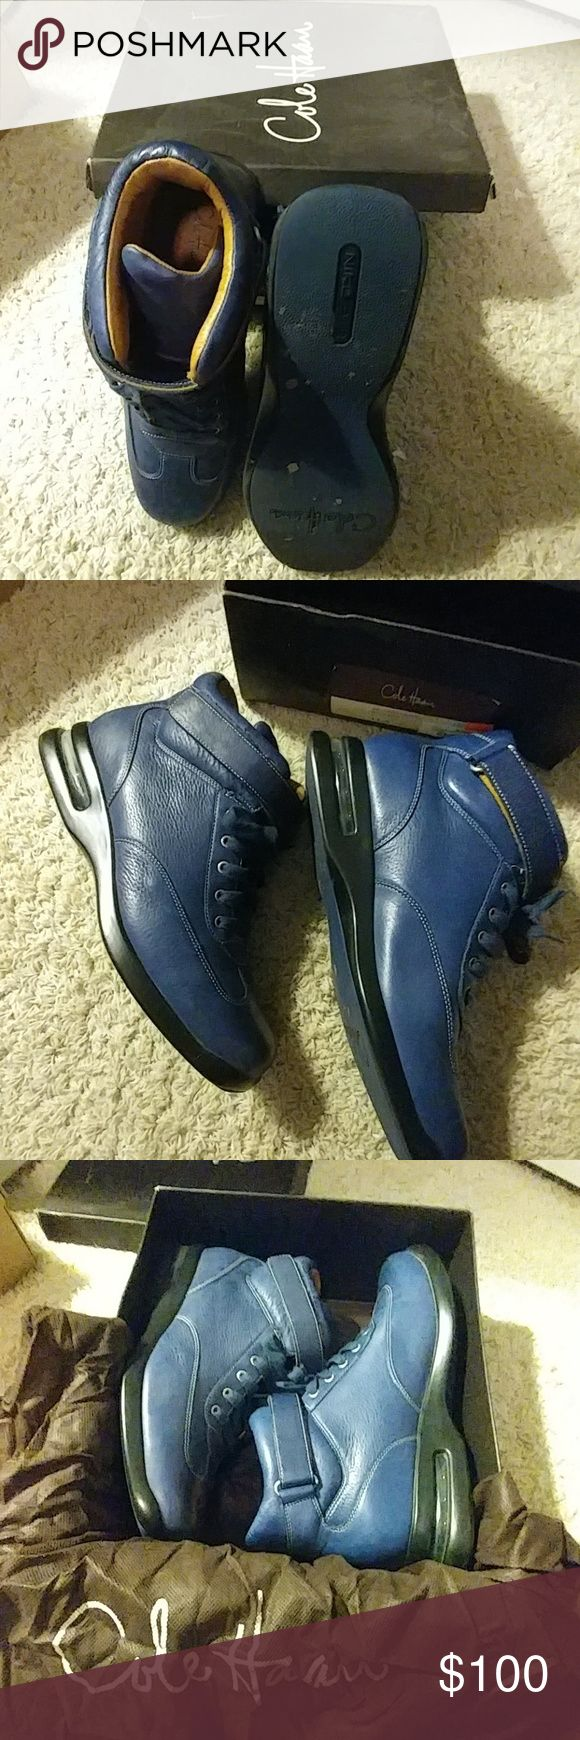 Cole Hann Hi Top Blue Leather Shoes Shoes